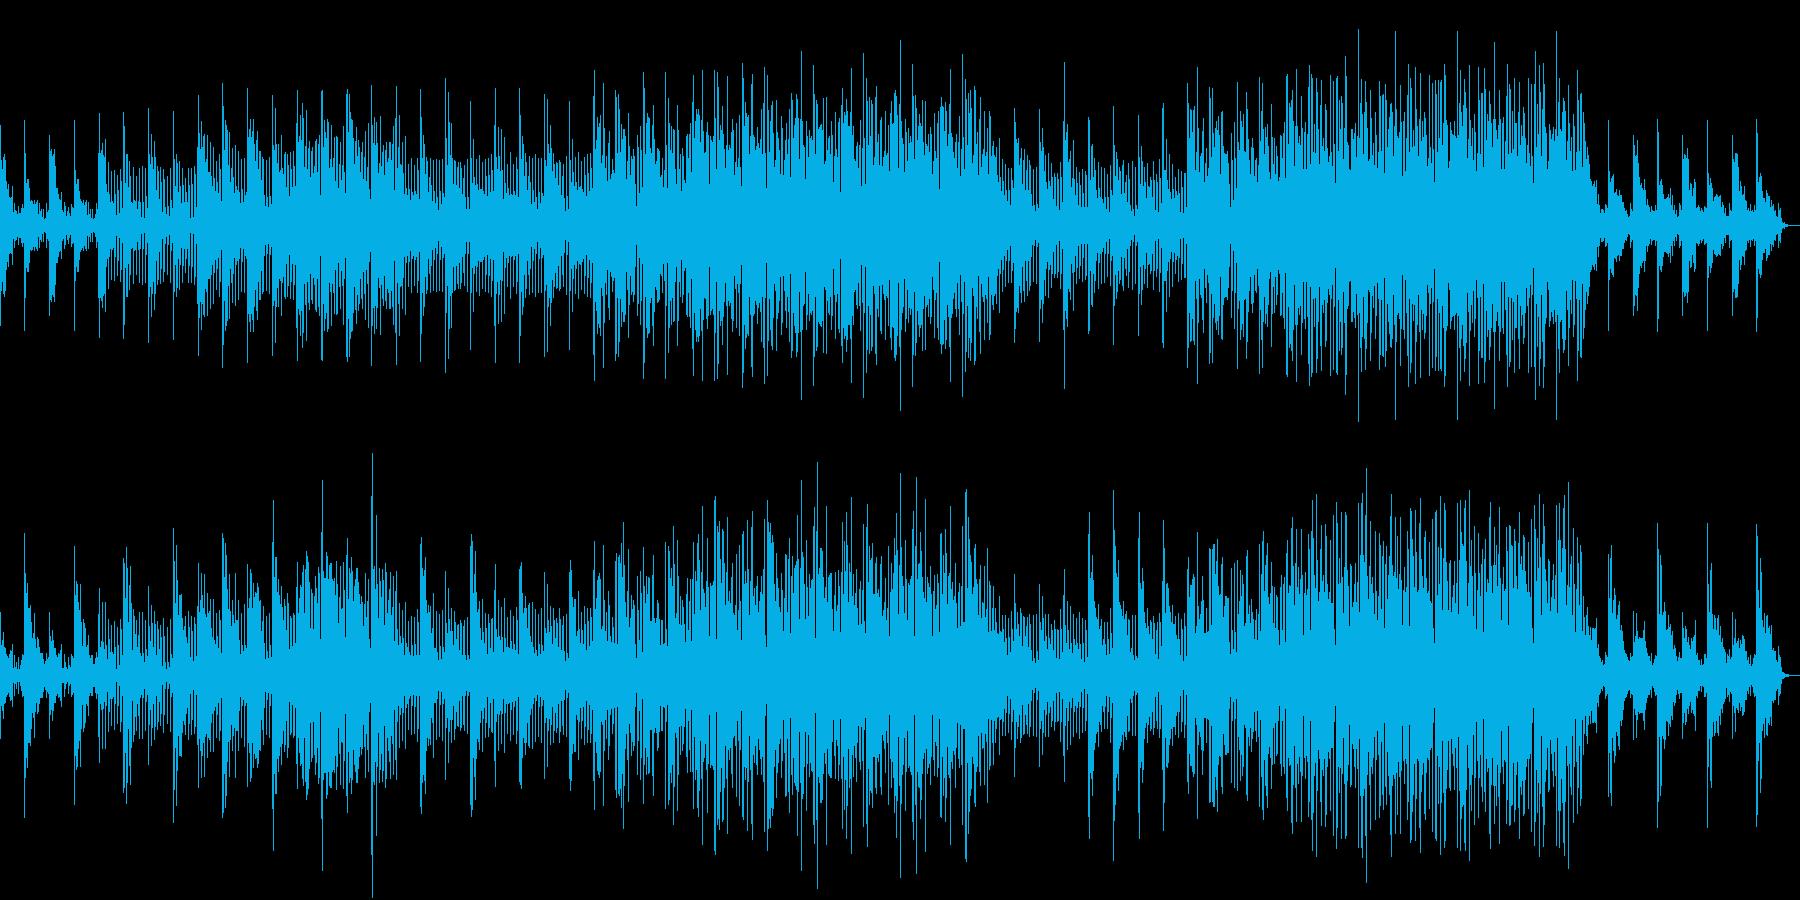 静かで幻想的なアンビエントサウンドの再生済みの波形